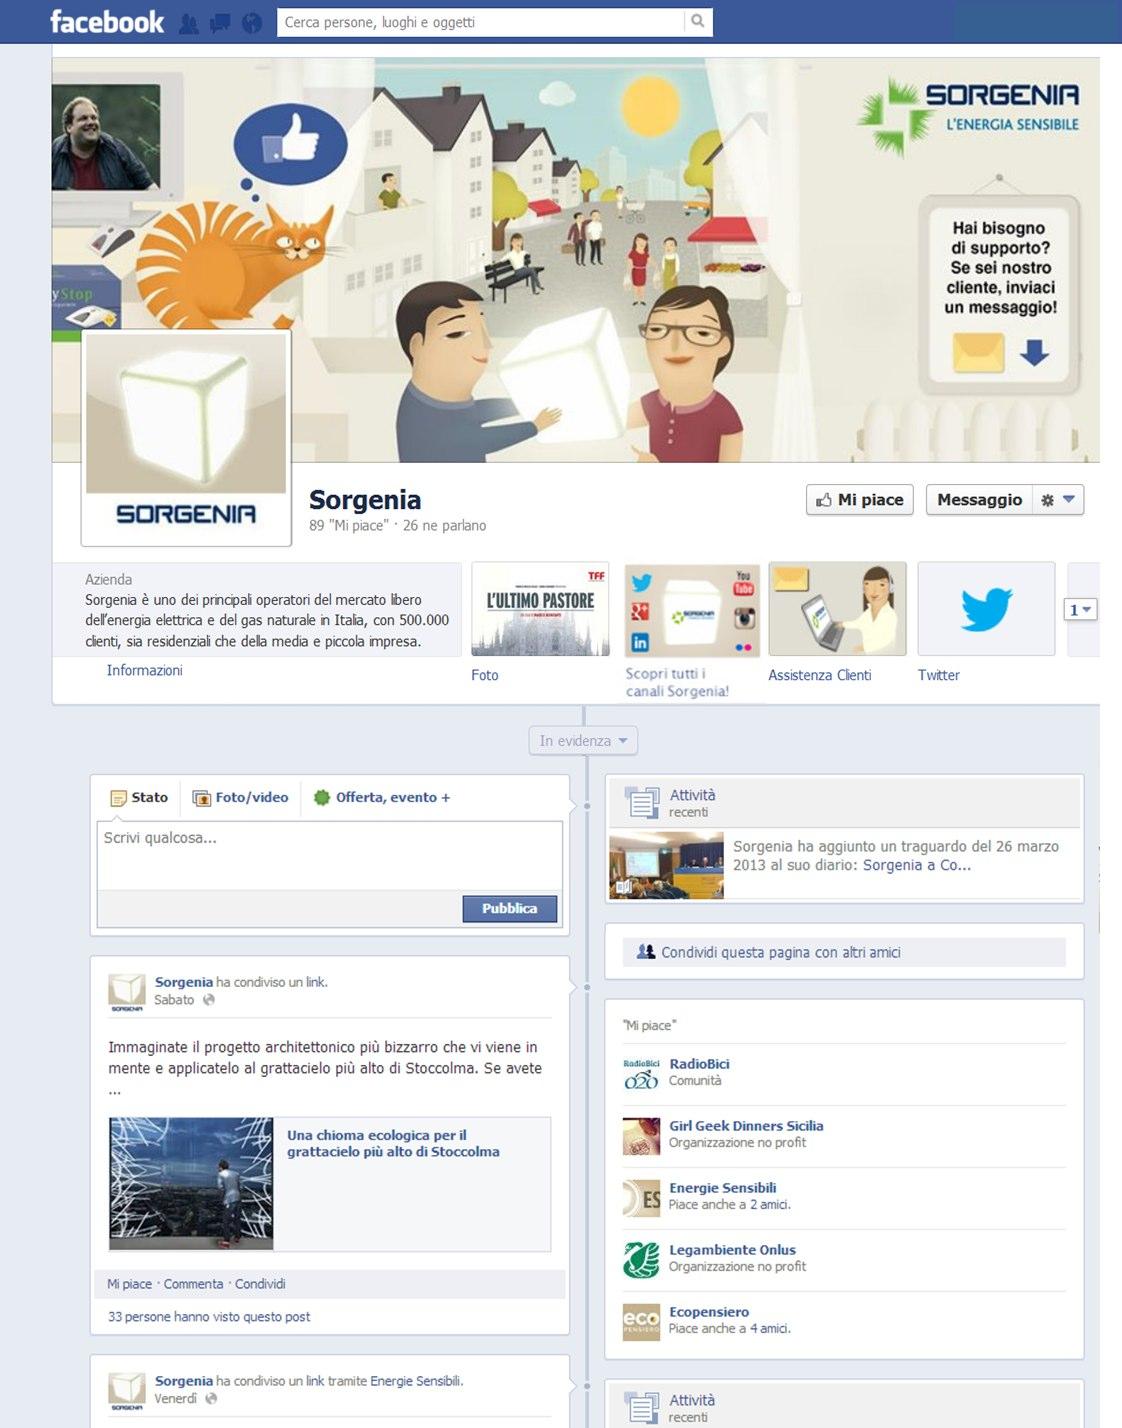 Sorgenia, al via il servizio clienti su Facebook e Twitter